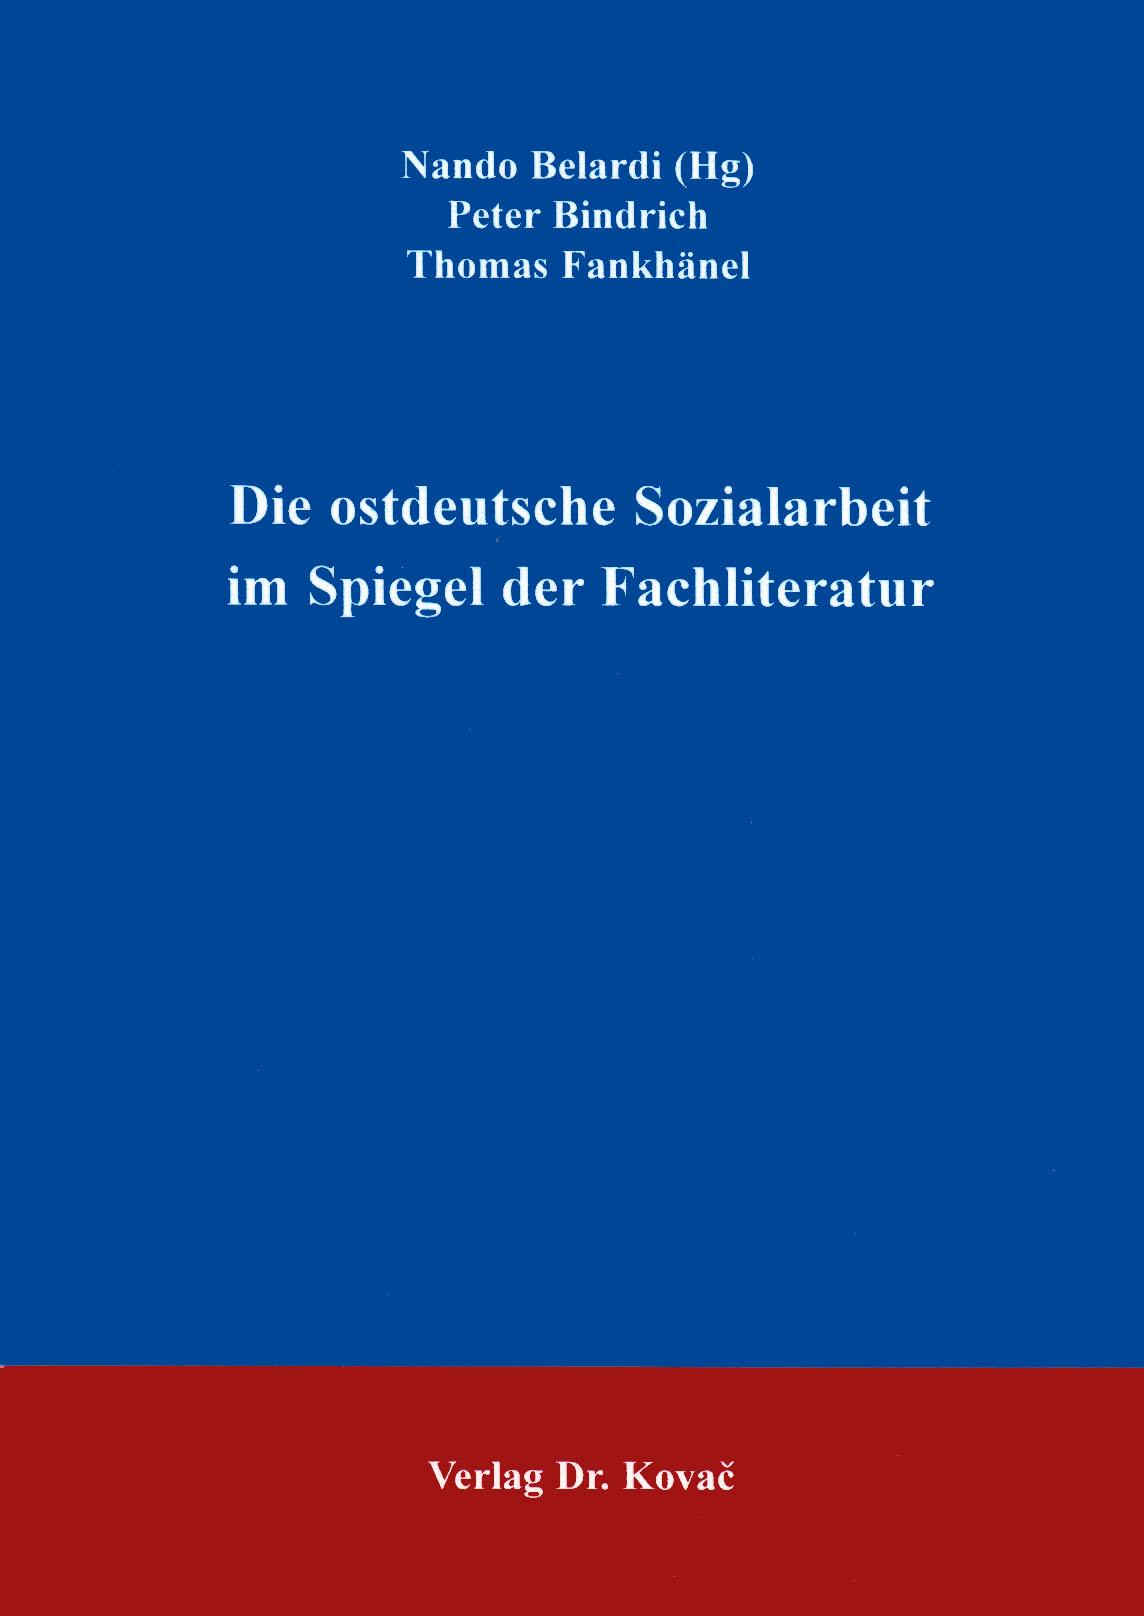 Cover: Die ostdeutsche Sozialarbeit im Spiegel der Fachliteratur